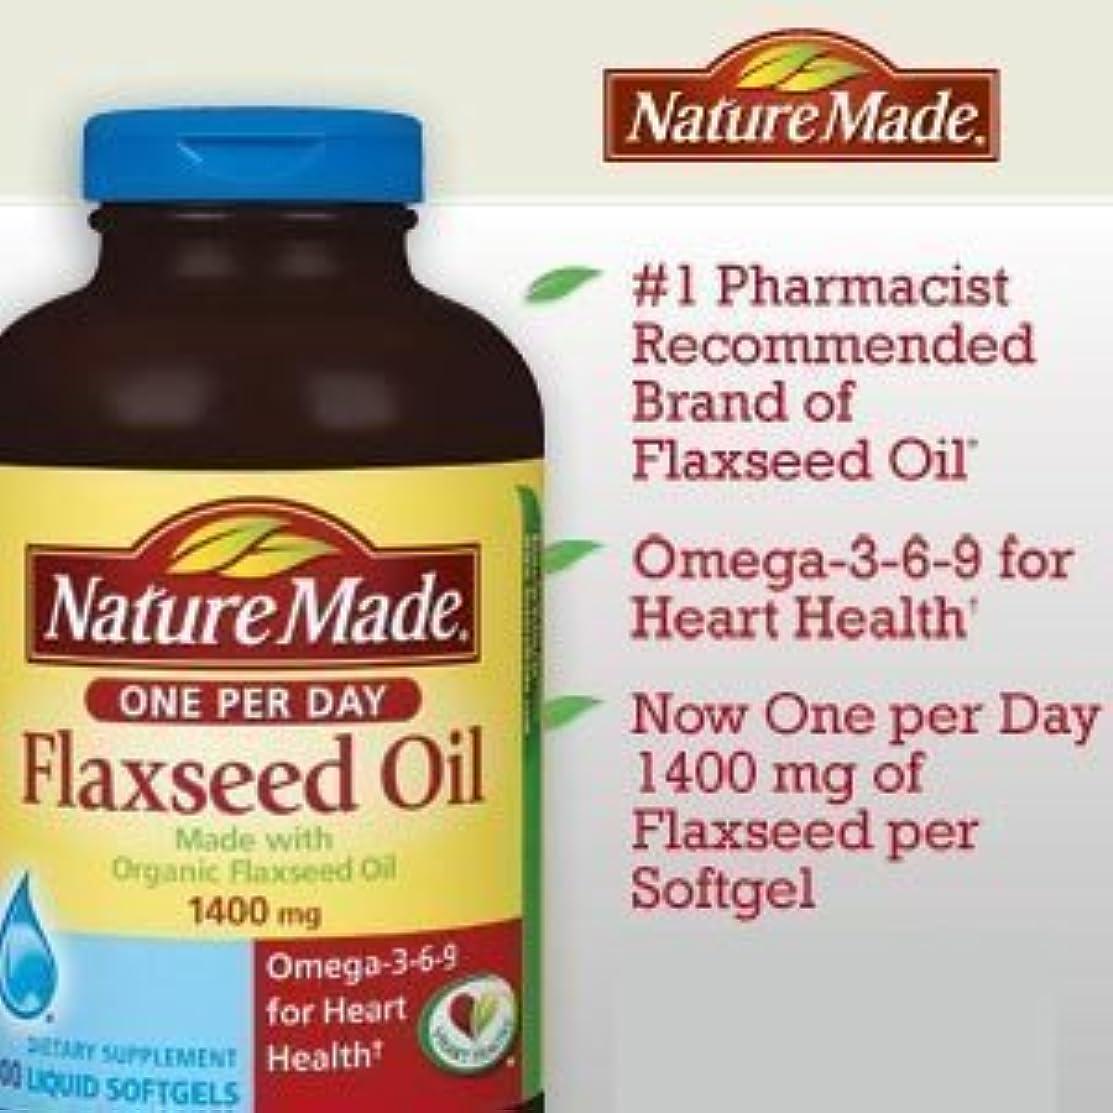 抗生物質電化する注意Nature Made Organic Flaxseed Oil, Omega-3-6-9 for Heart Health, 1400 mg, Liquid Softgels - 300 Count by USA [並行輸入品]